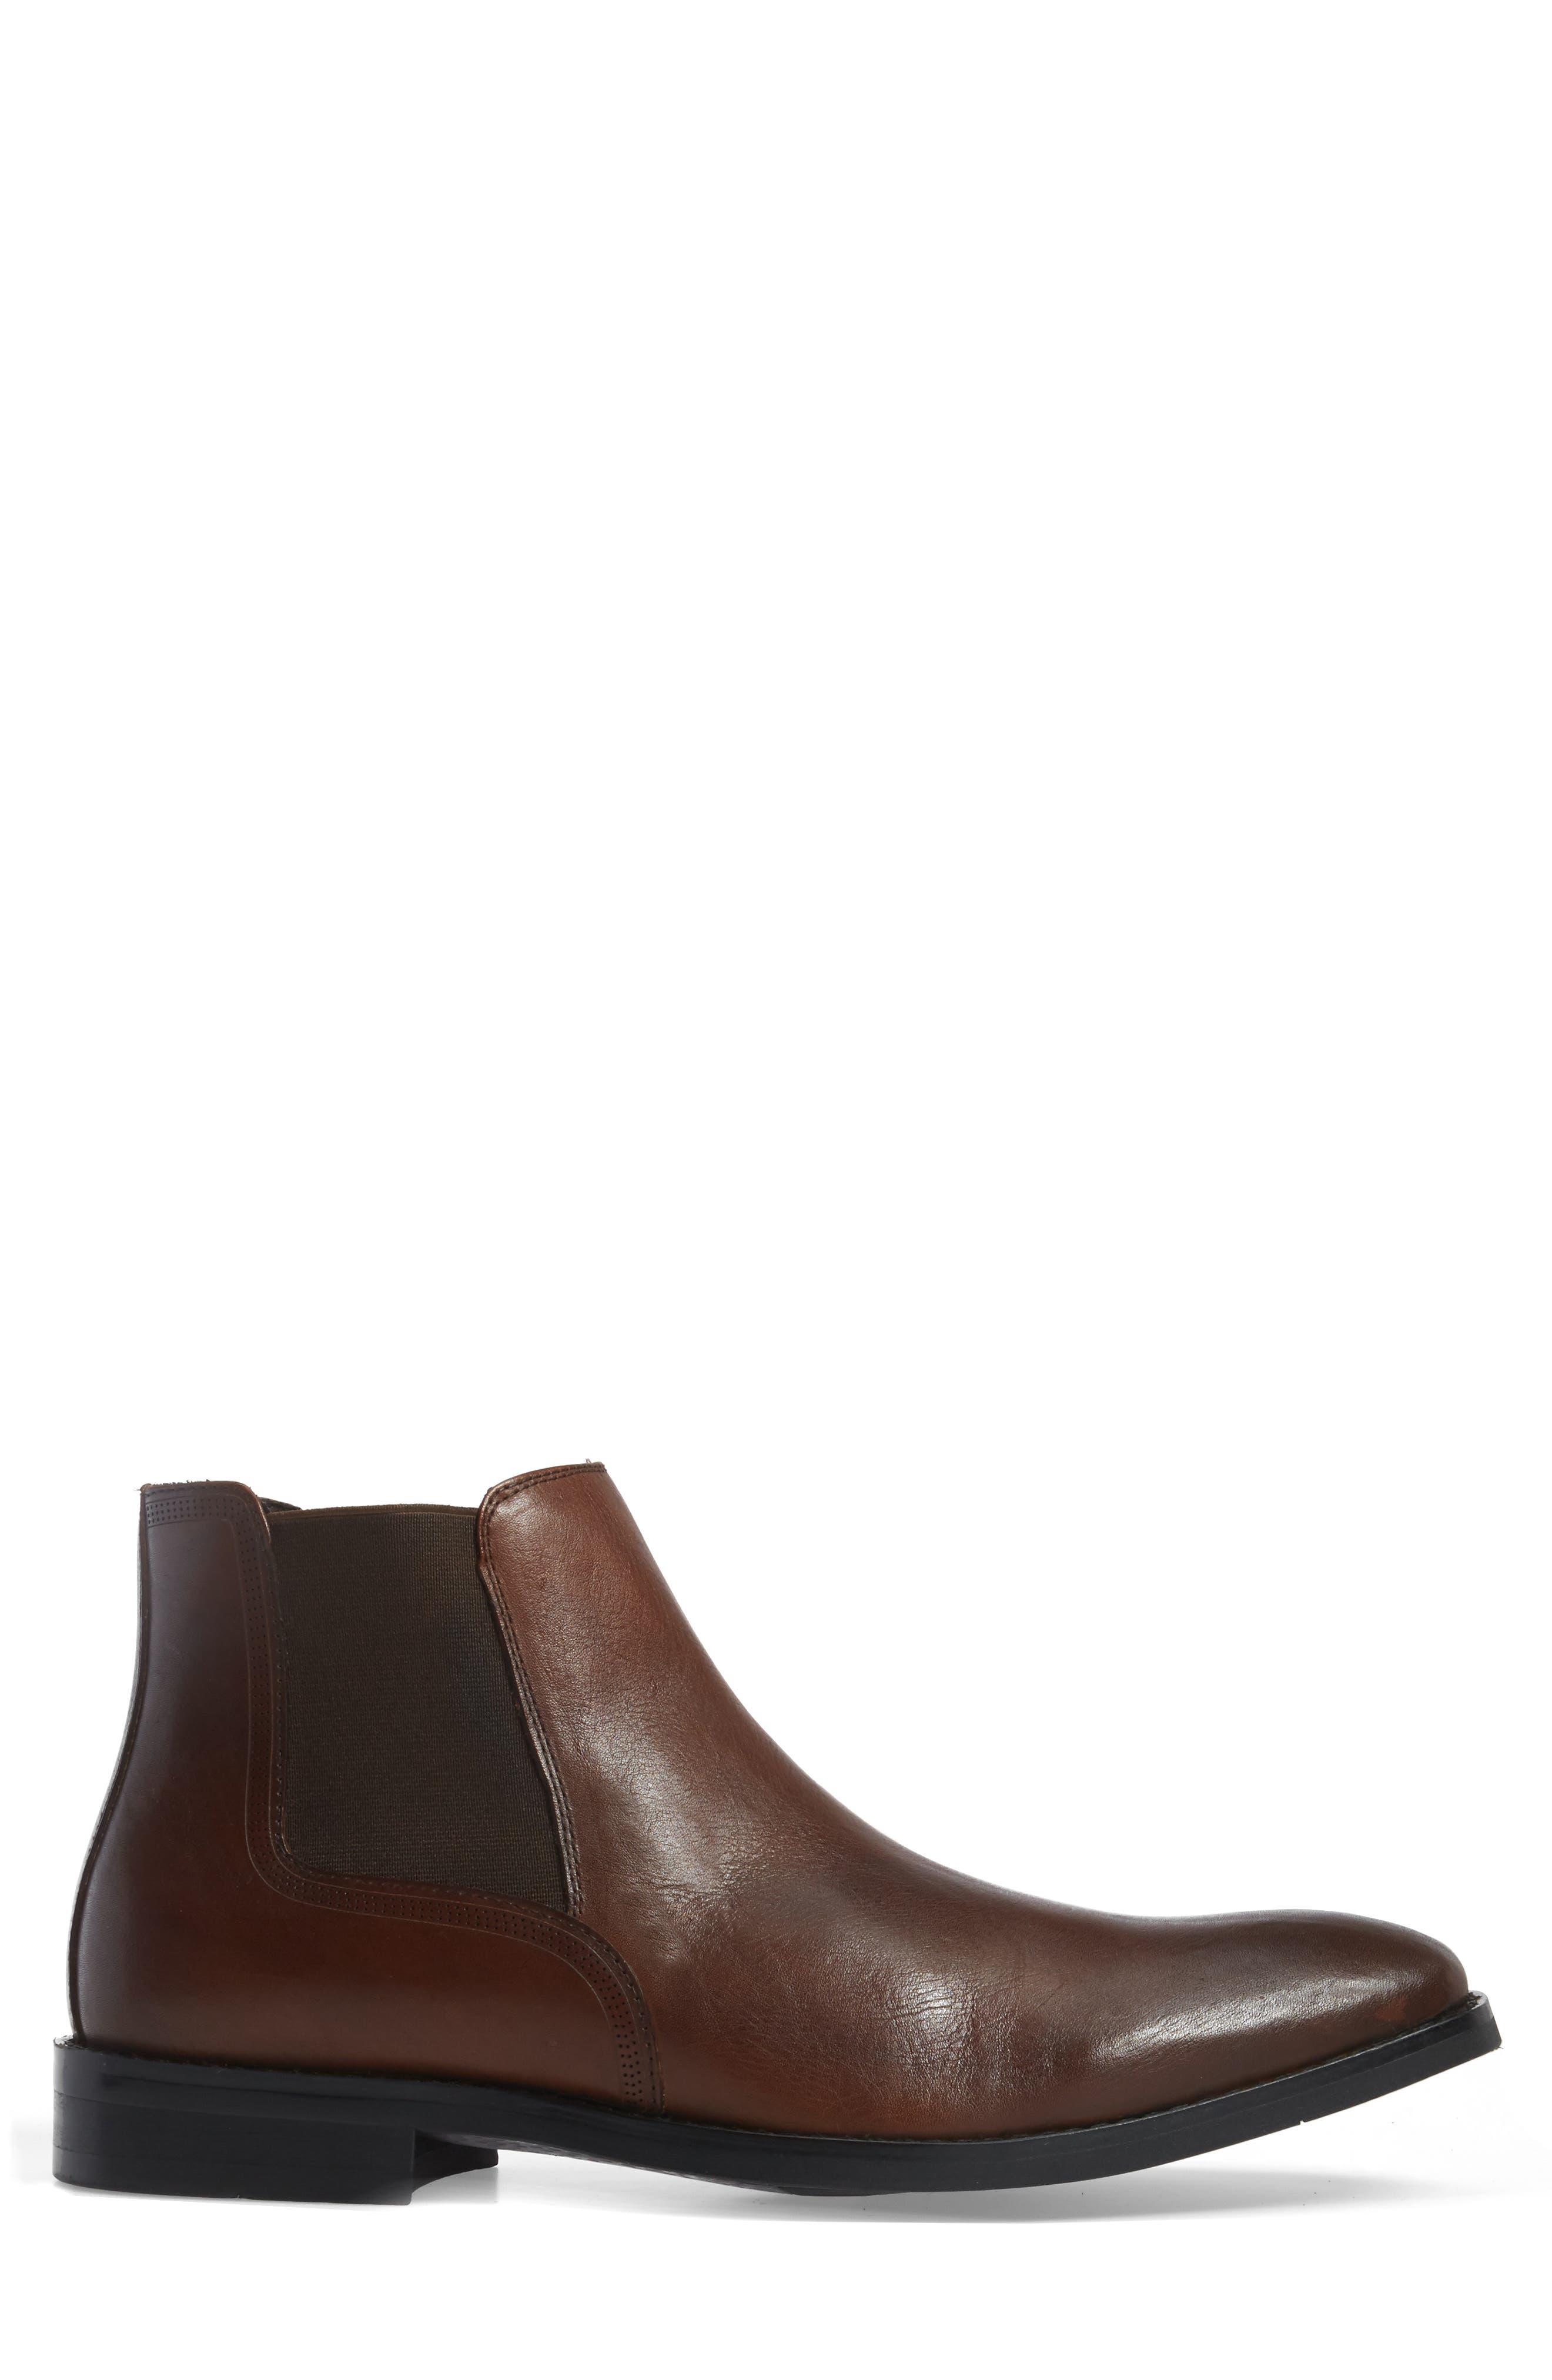 Chelsea Boot,                             Alternate thumbnail 3, color,                             Cognac Leather